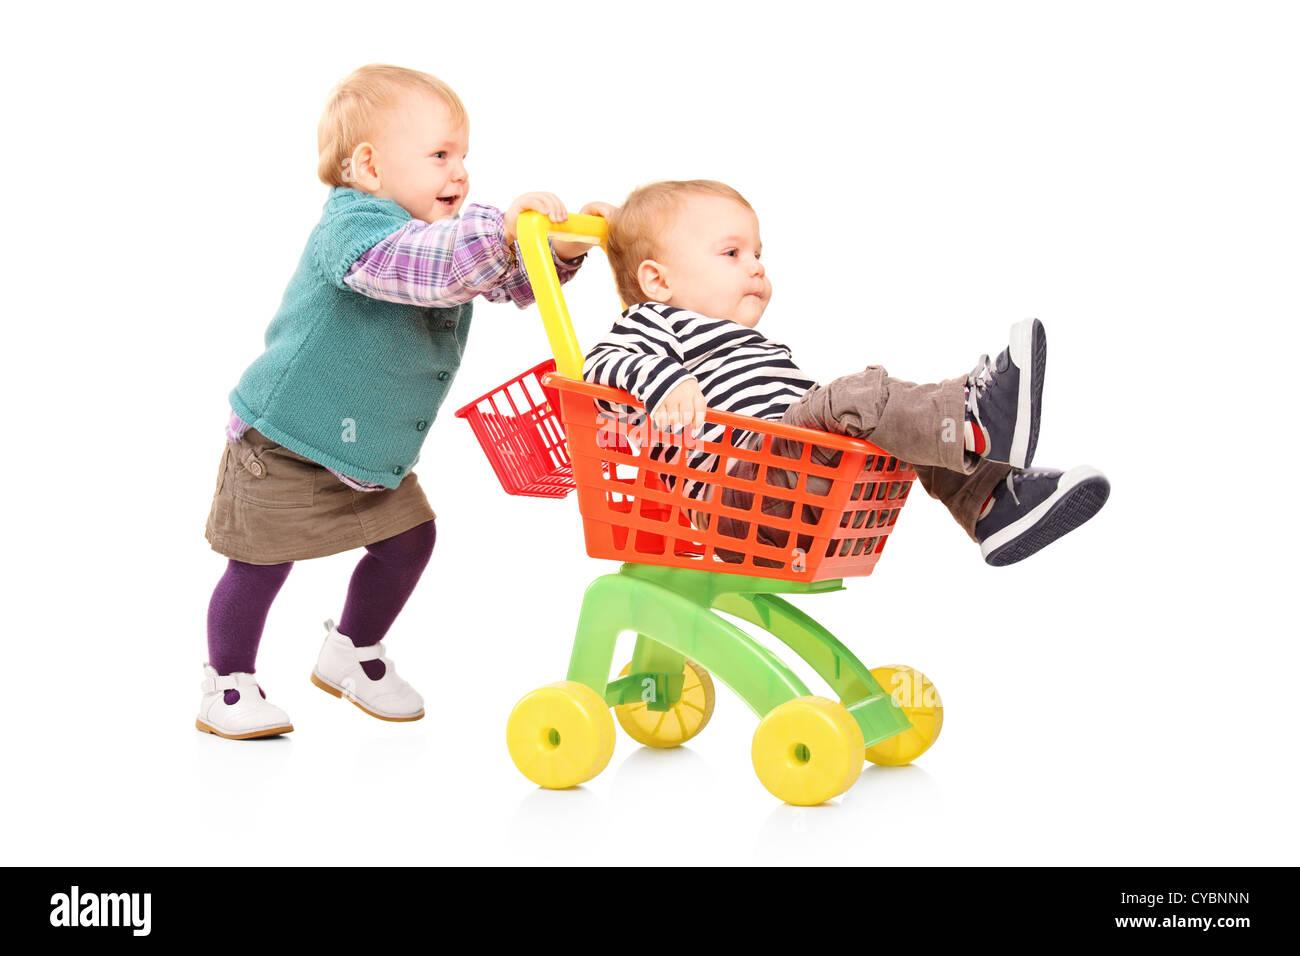 Nino Nina Empujar A Su Hermano Gemelo En Un Carro De Juguete Aislado